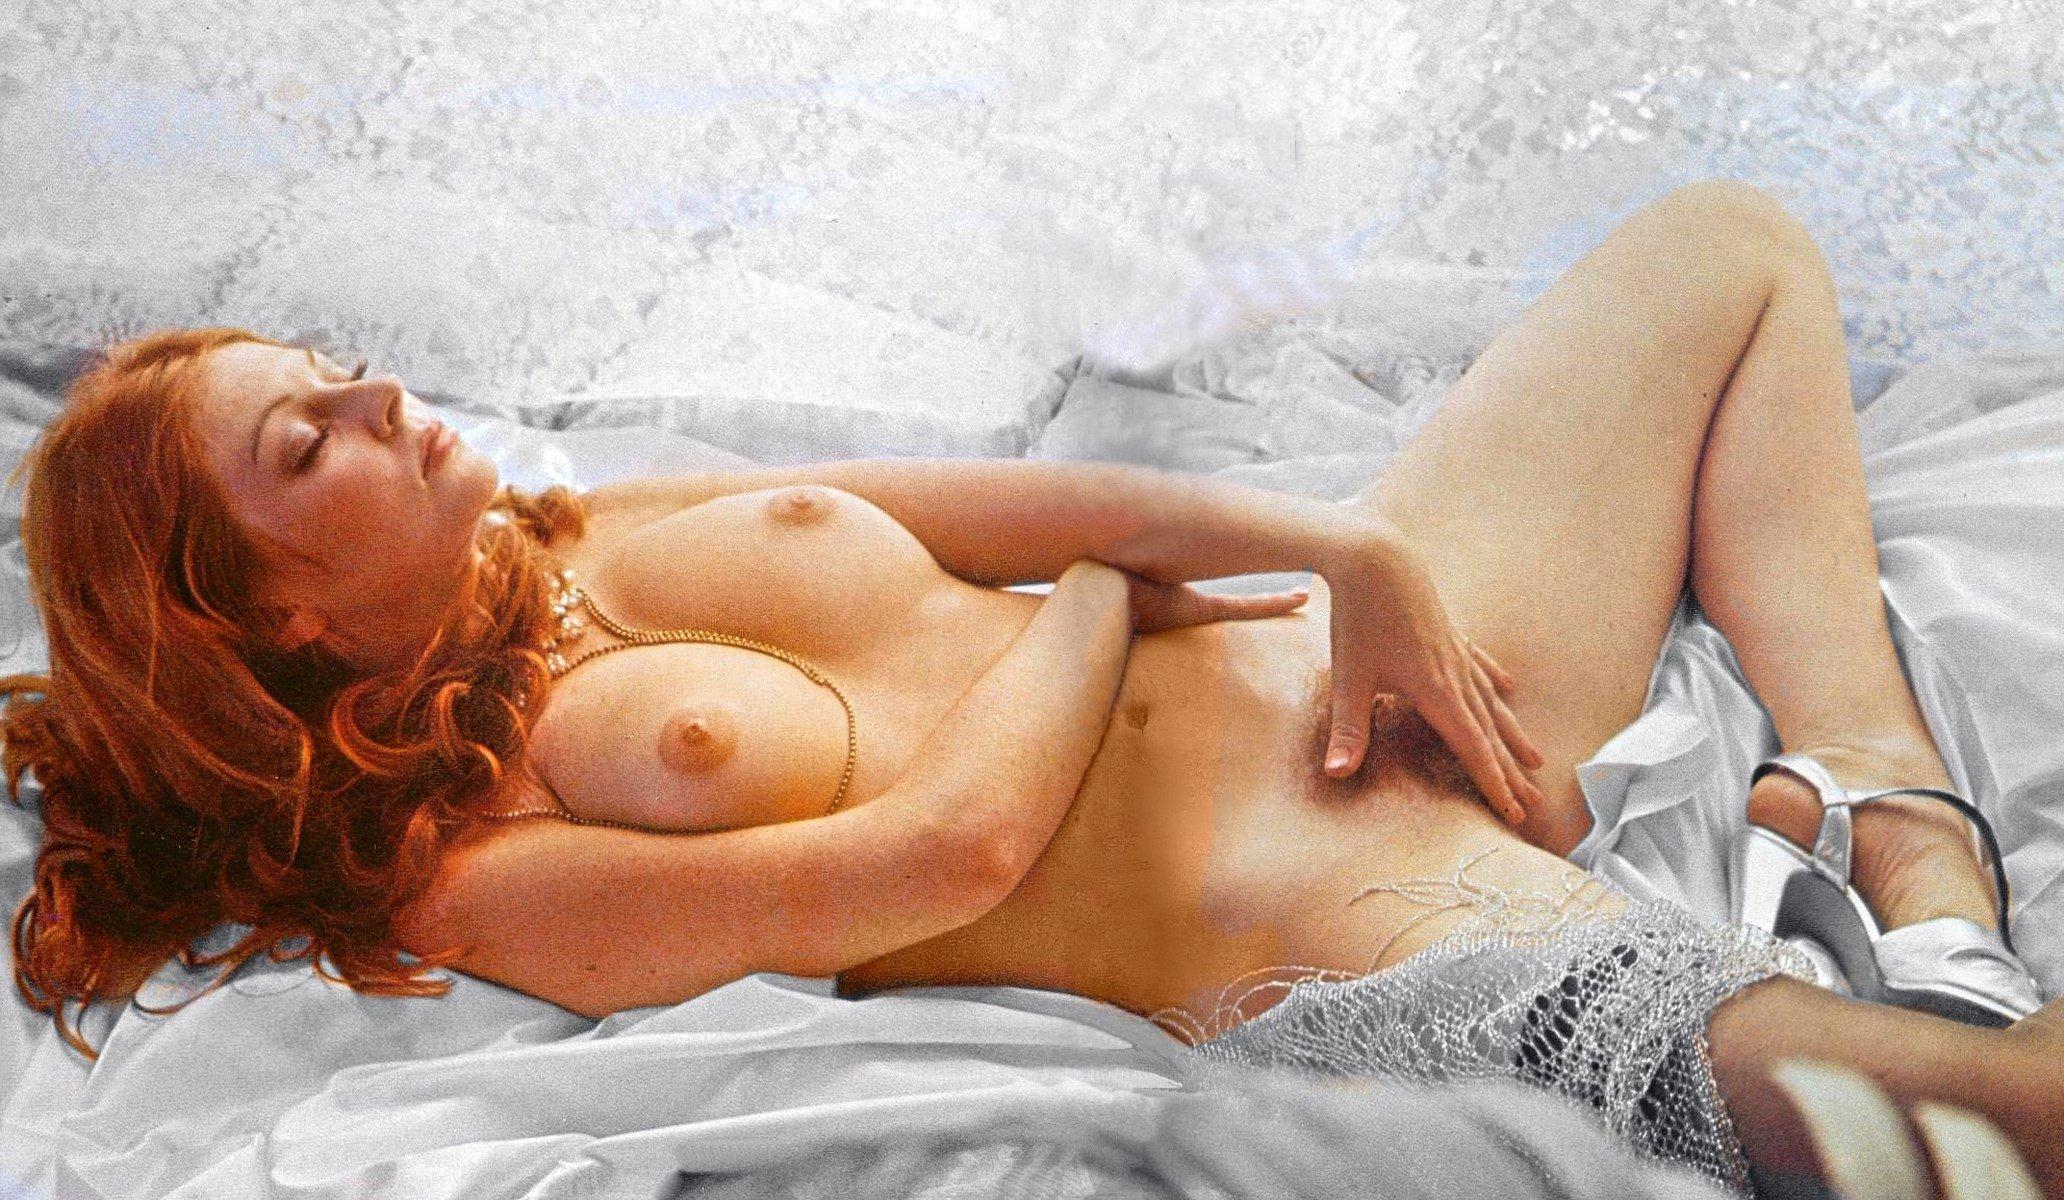 Elvira Nude Ultimate Compilation